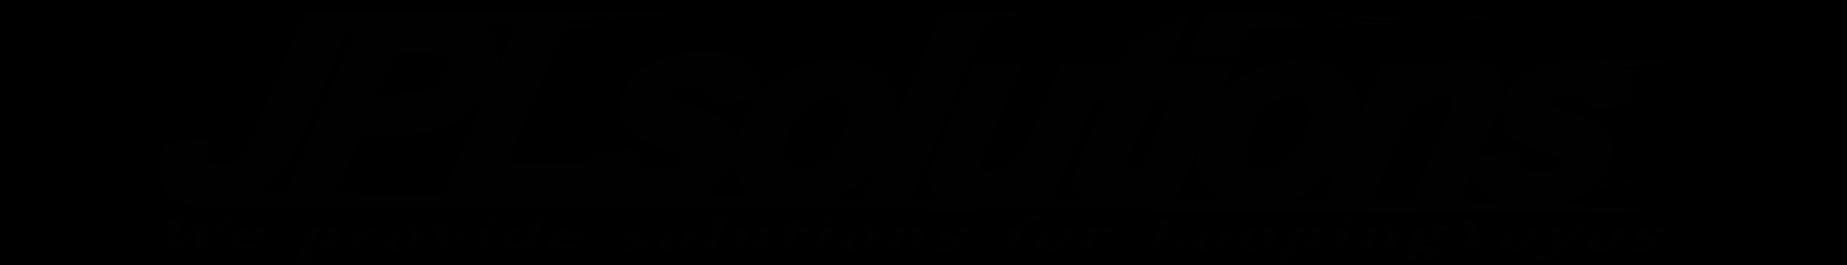 JPLSolutions-OfficialStore